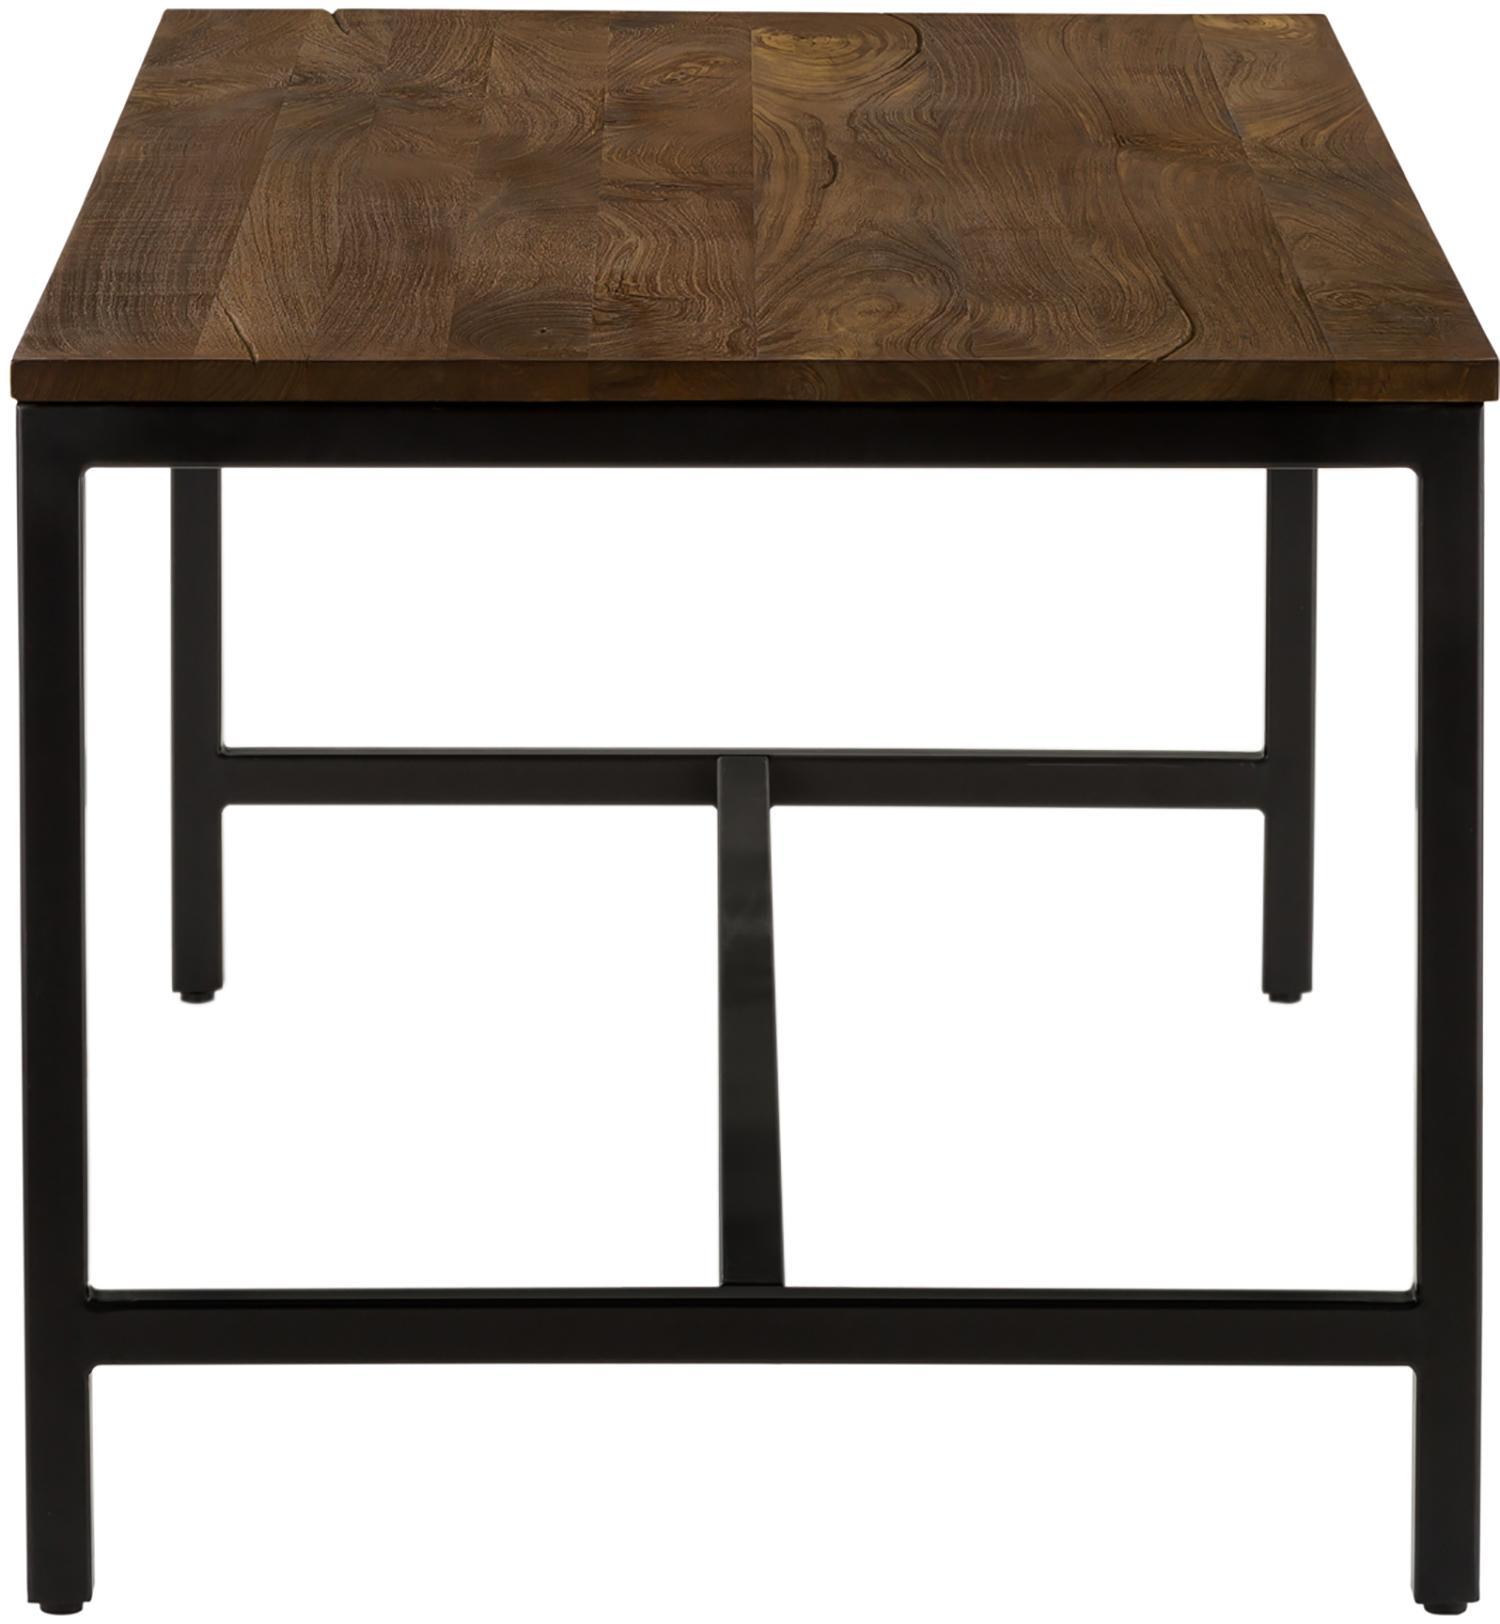 Esstisch Raw mit Massivholzplatte, Tischplatte: Massives Mangoholz, gebür, Gestell: Metall, pulverbeschichtet, Tischplatte: Mangoholz mit Vintage-LookGestell: Schwarz, B 180 x T 90 cm